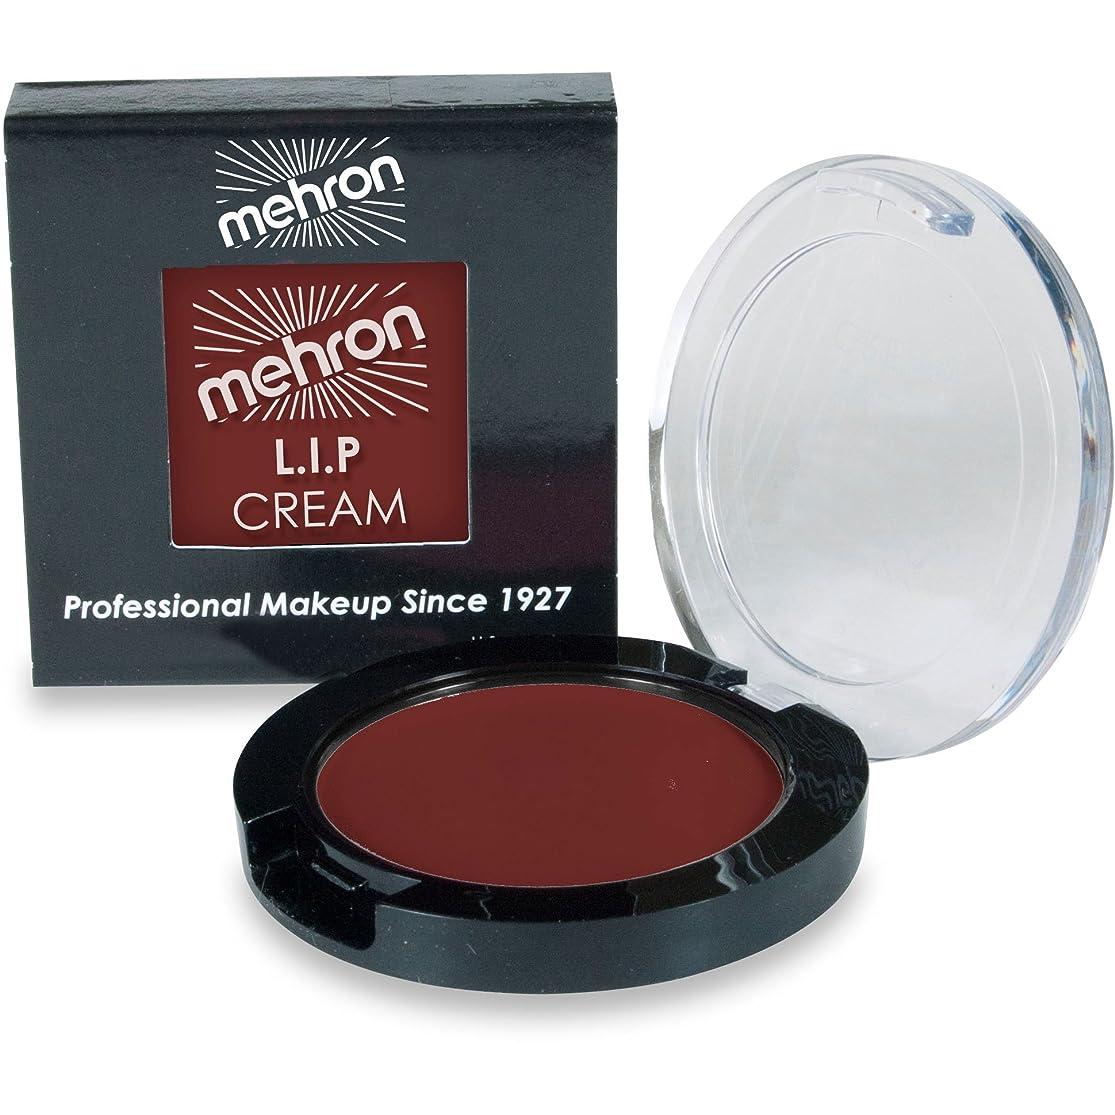 ミトン物理的に水mehron L.I.P. Color Cream - Cherry Chocolate (並行輸入品)